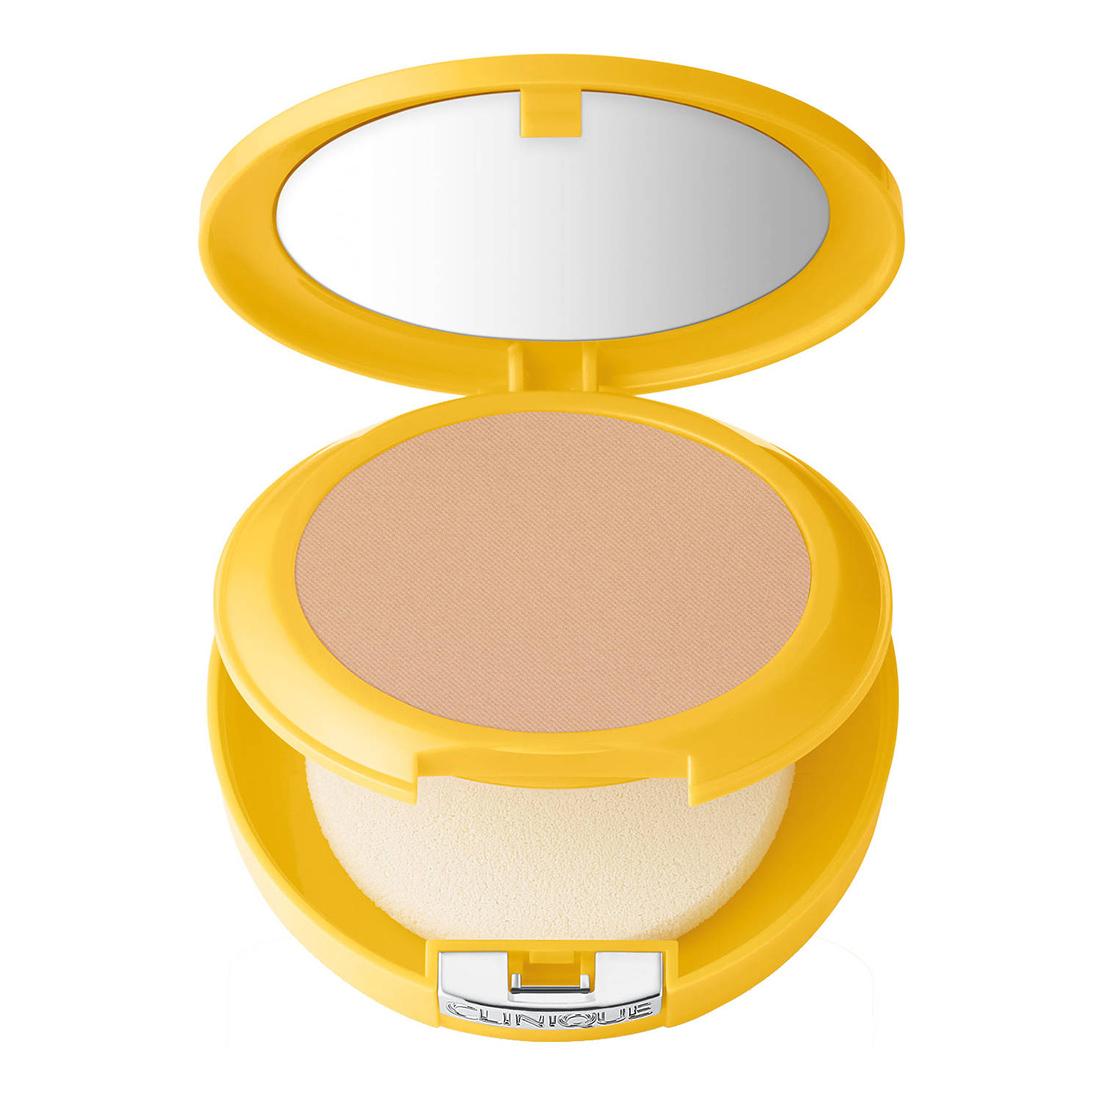 Clinique - Fond de Teint Poudre Minéral Compact SPF30